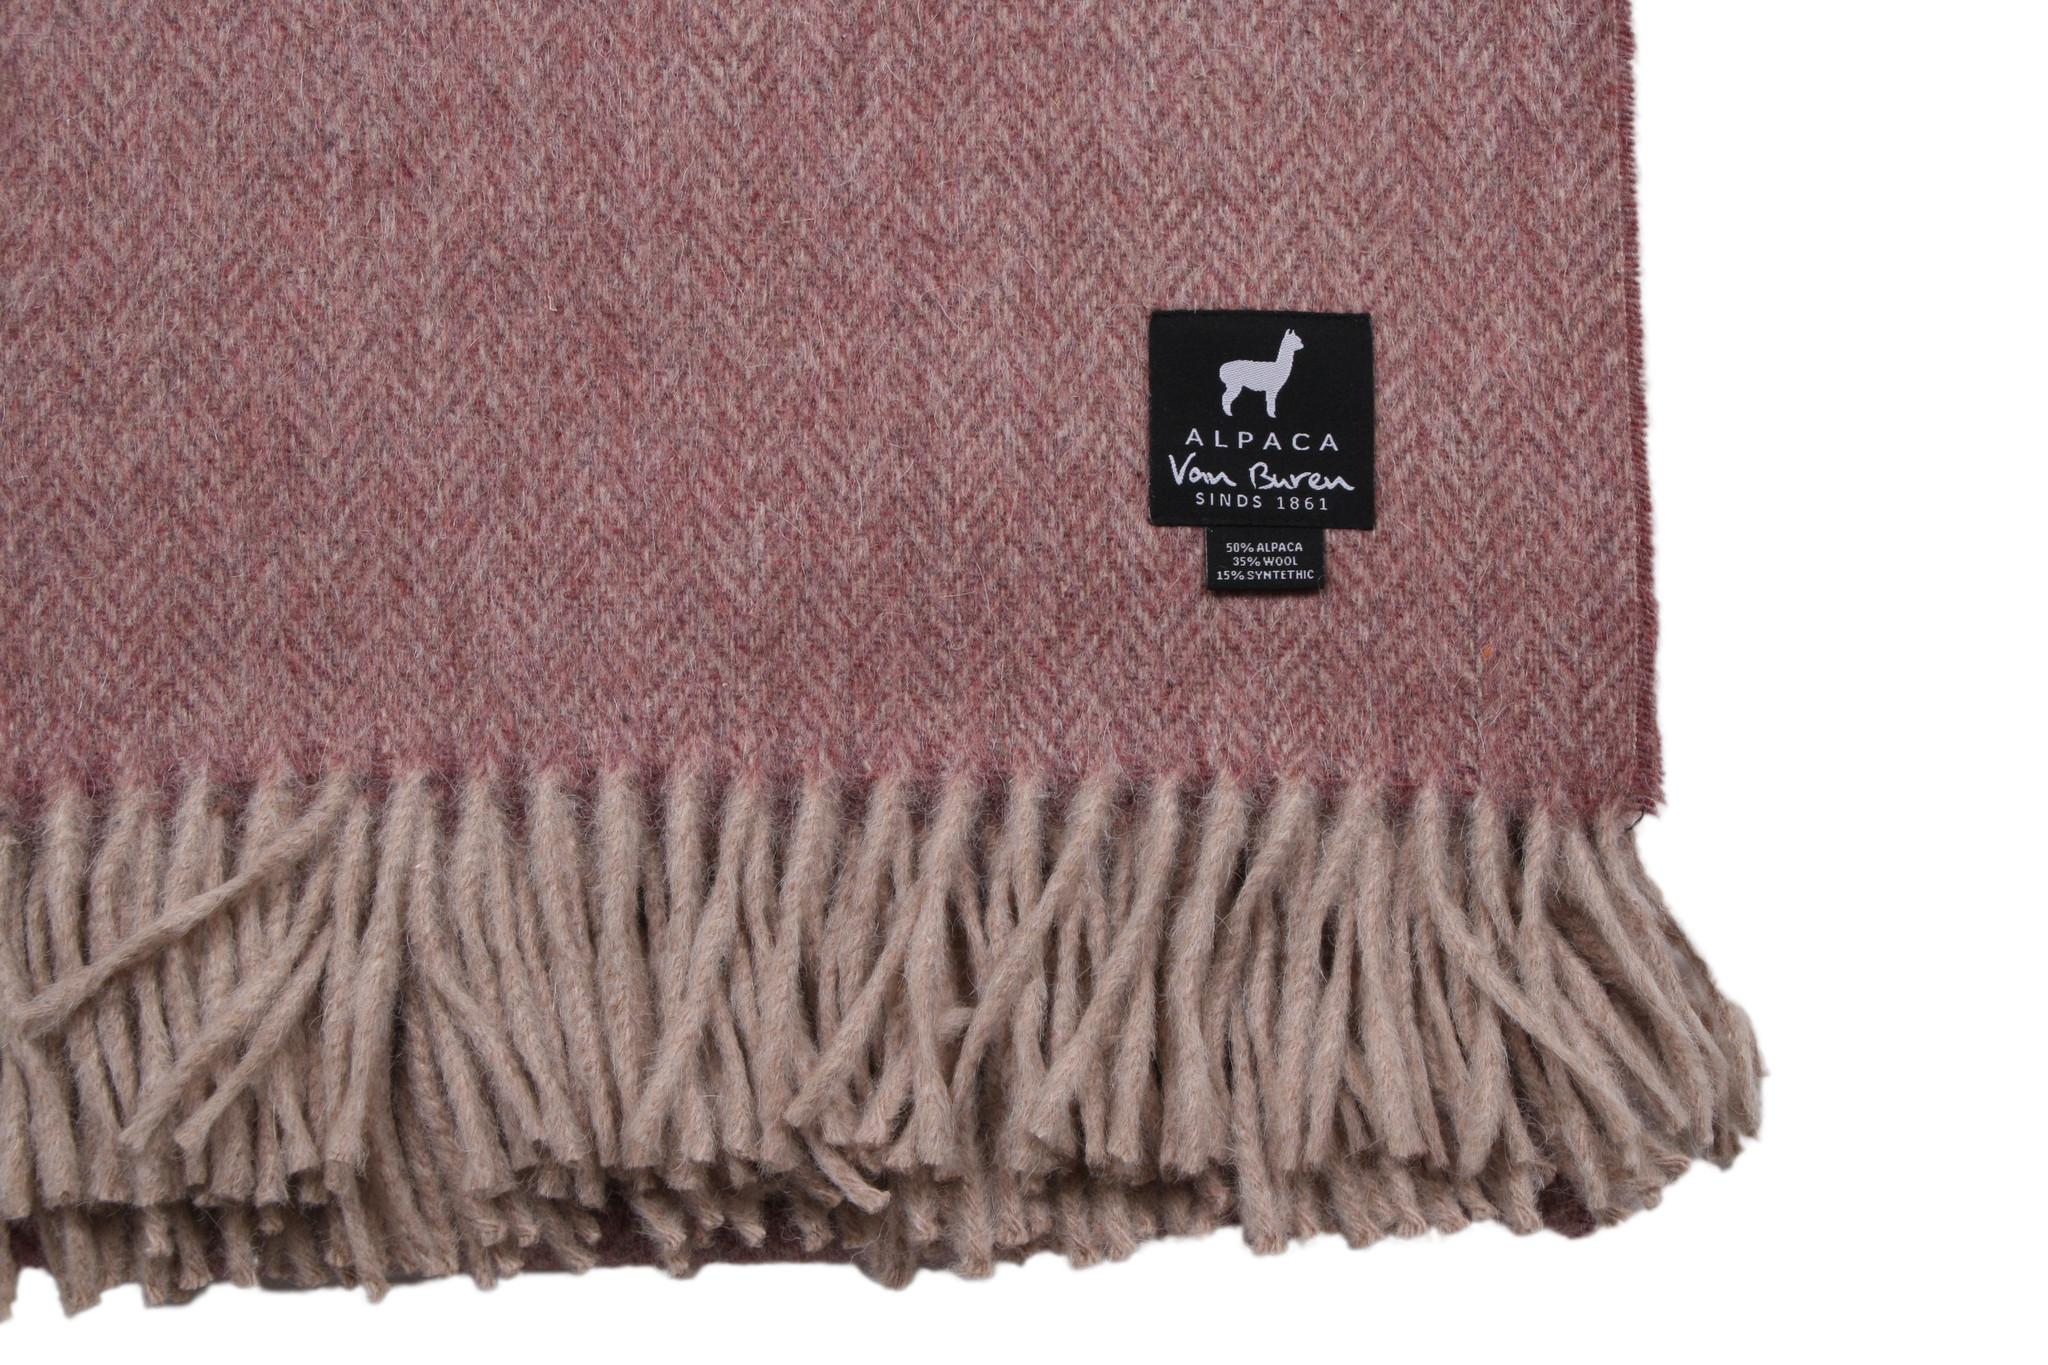 Van Buren Alpaca plaid - Visgraat roze